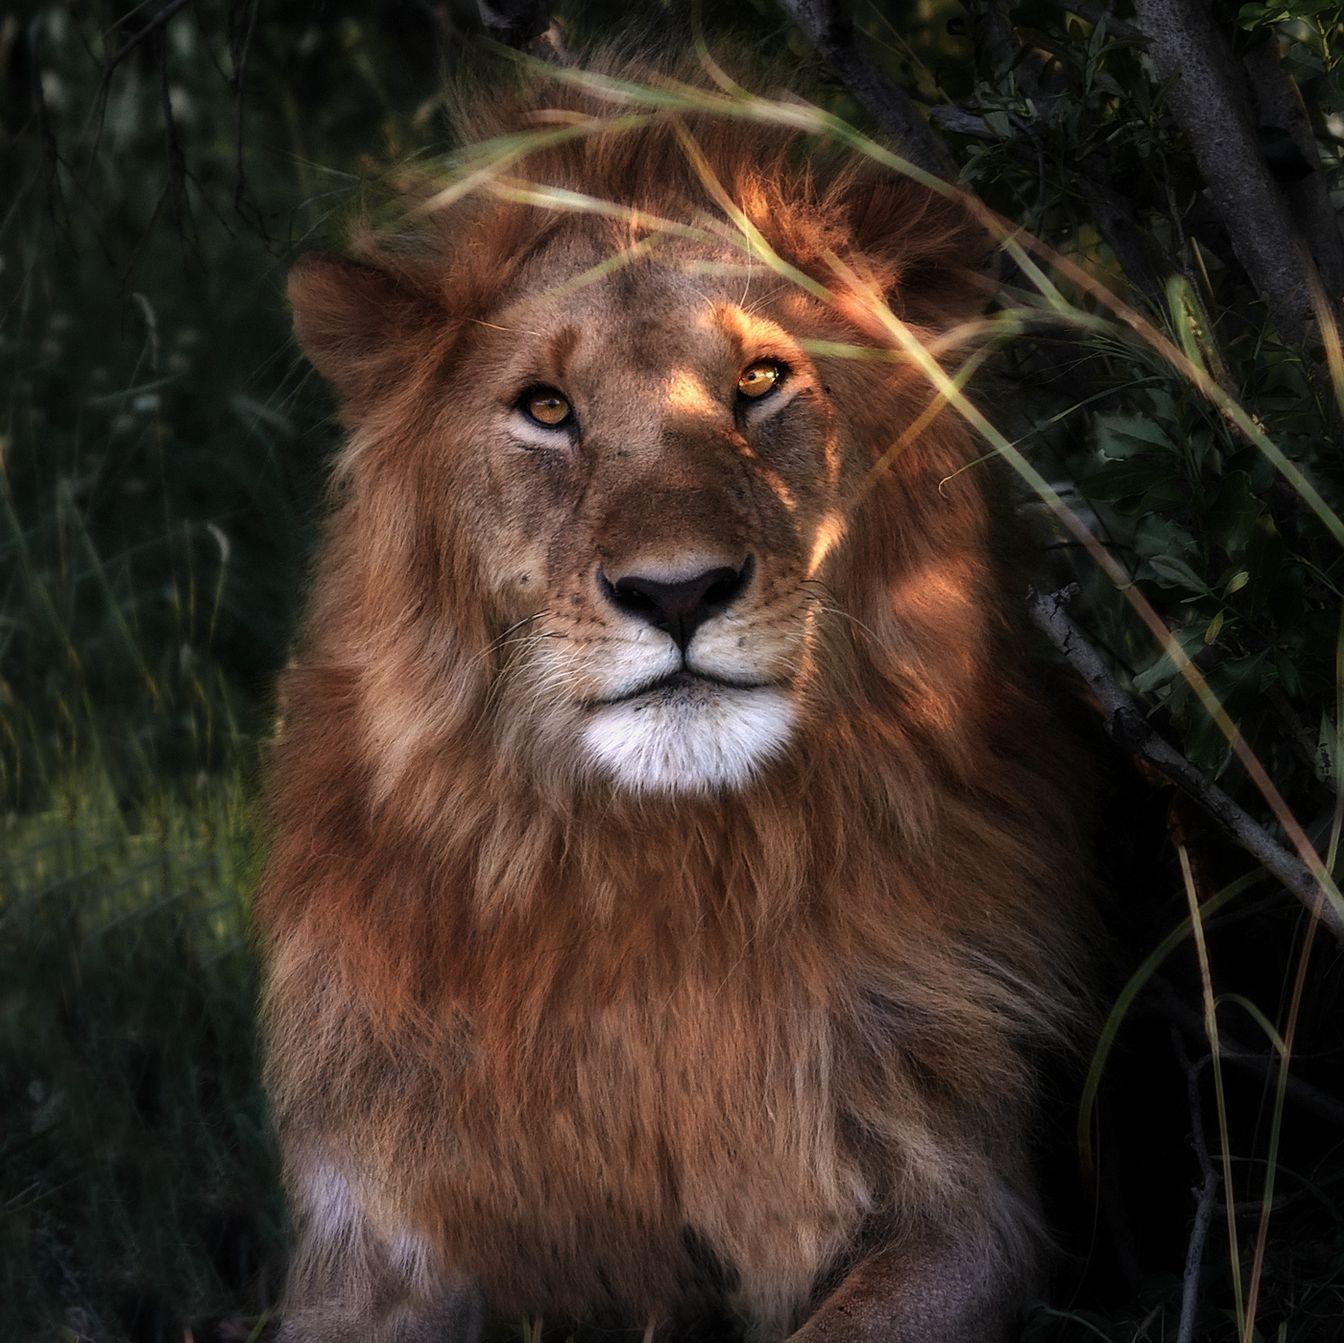 Картинка с львом, смешные обиды открытка